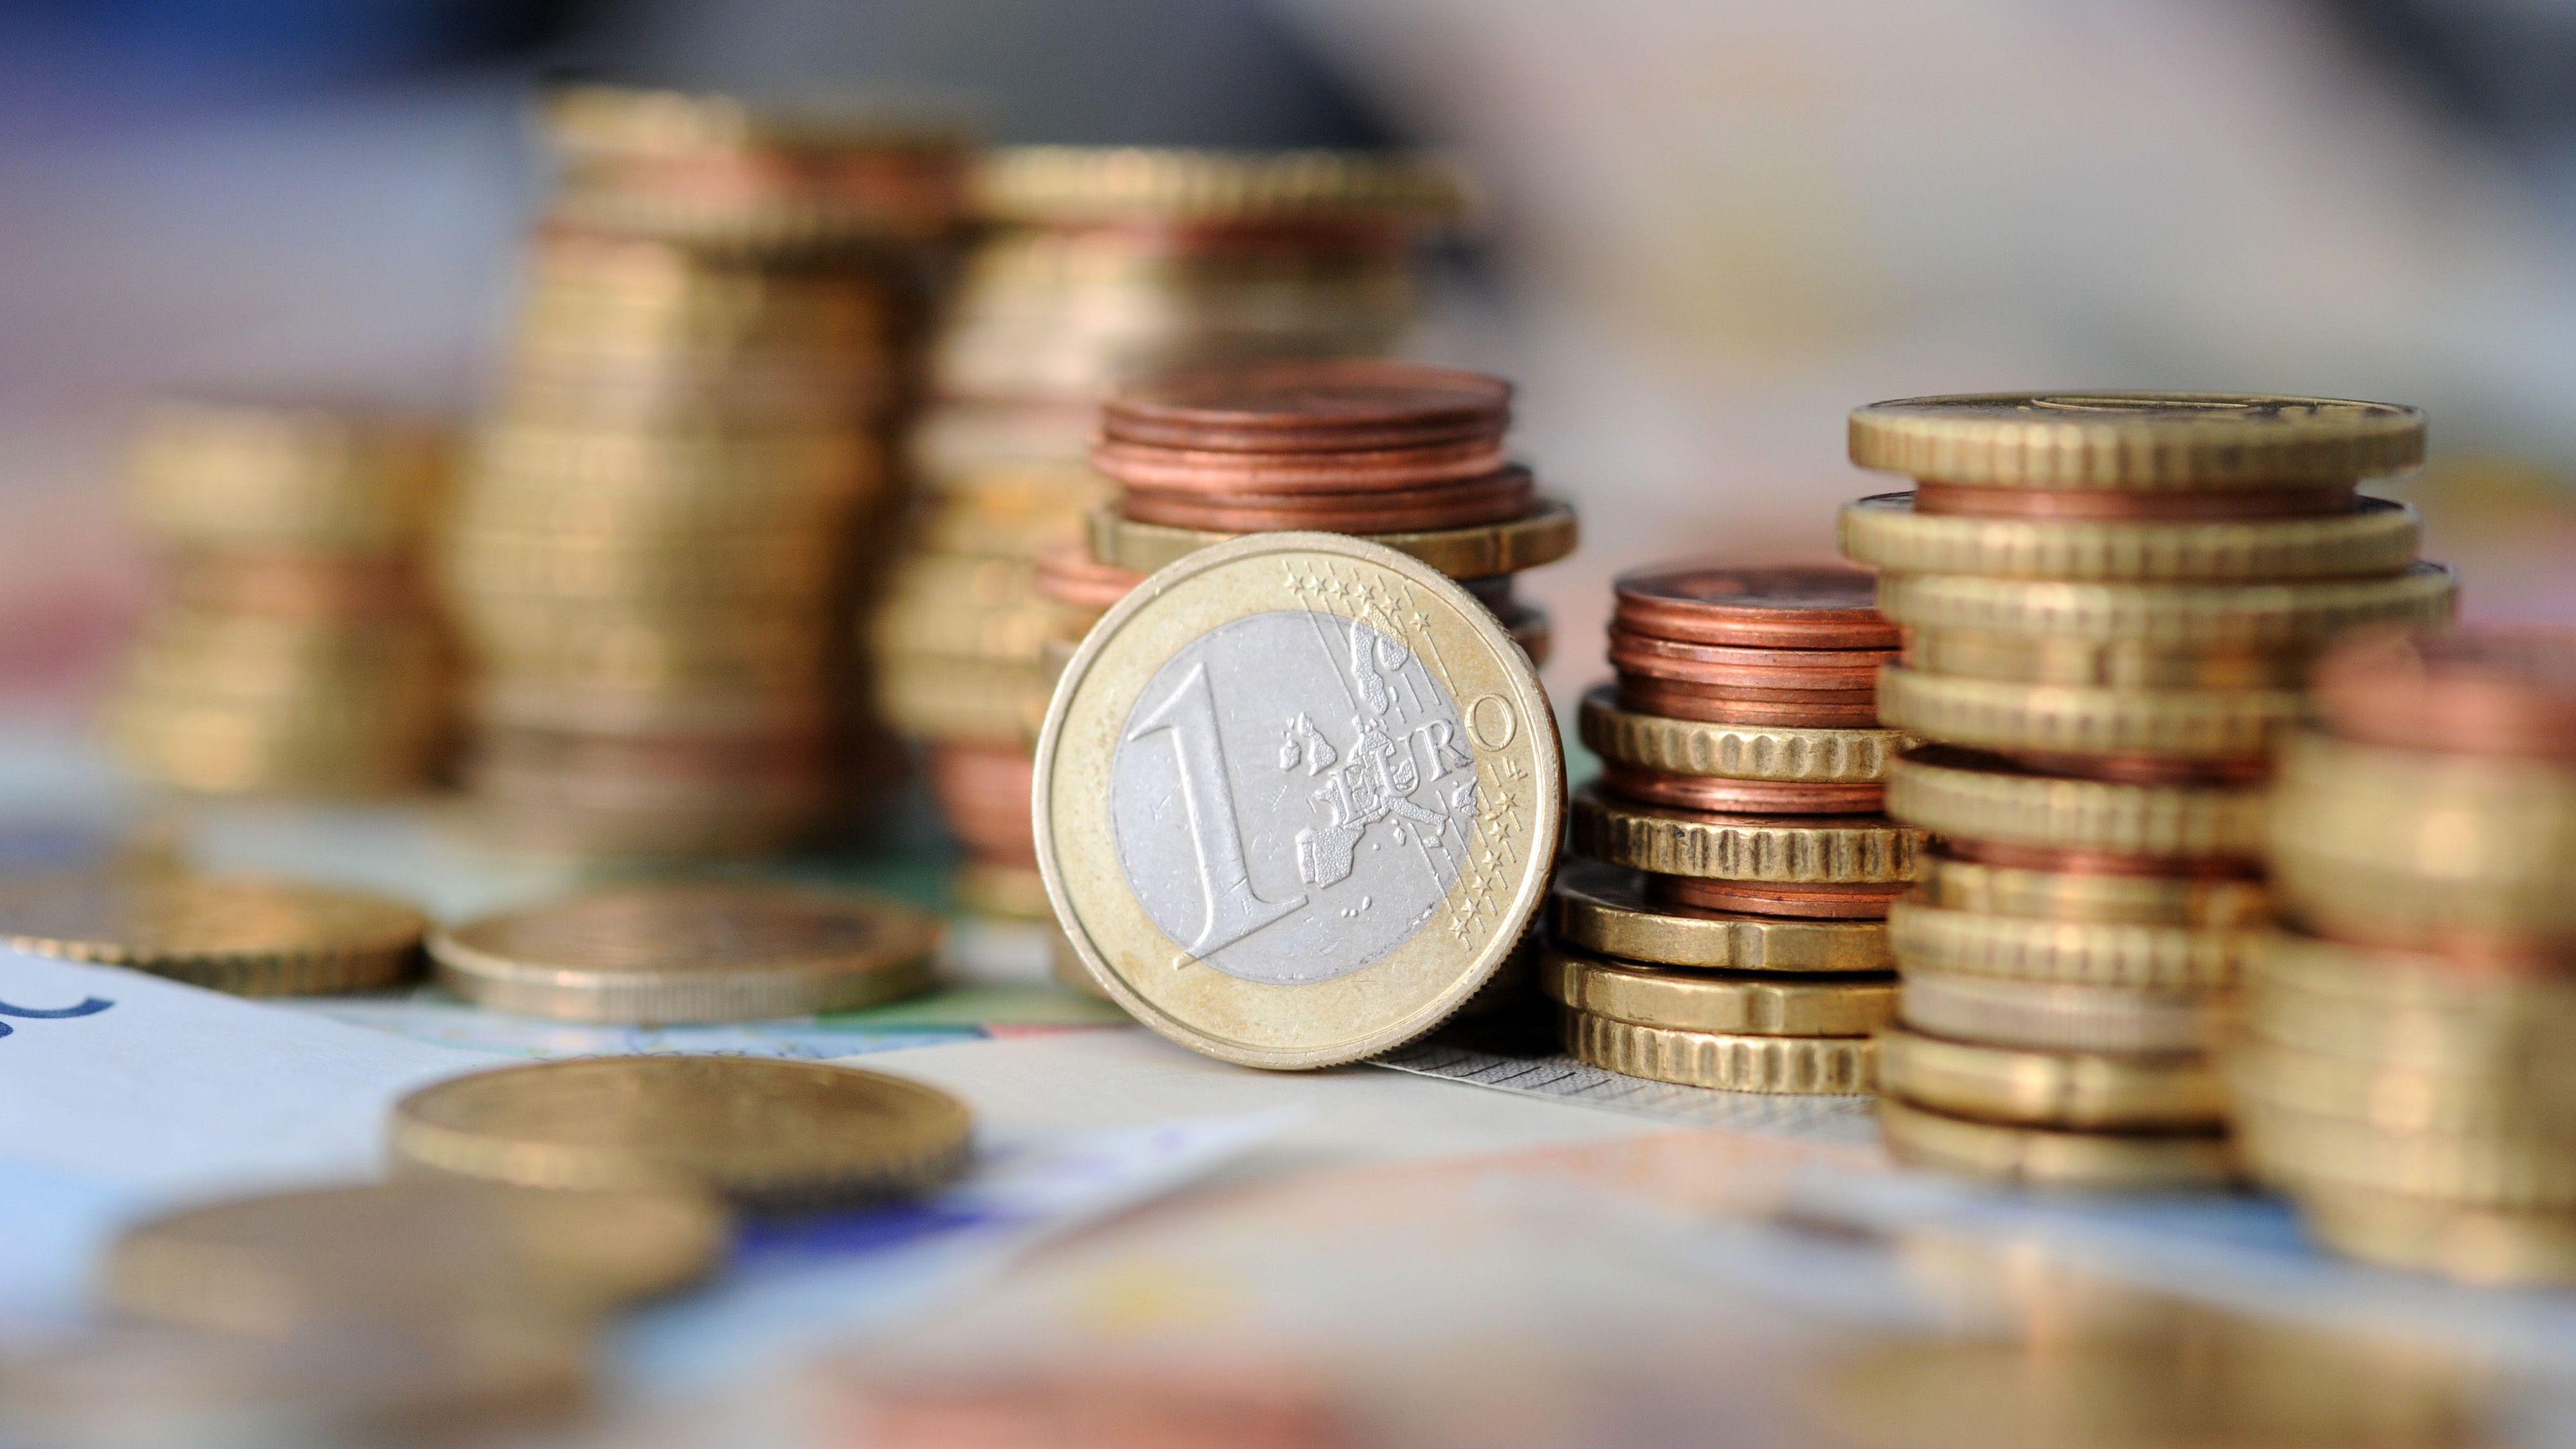 Vor allem dank sprudelnder Steuereinnahmen stehen für den kommunalen Finanzausgleich in Bayern 2010 erstmals über 10 Mio Euro zur Verfügung